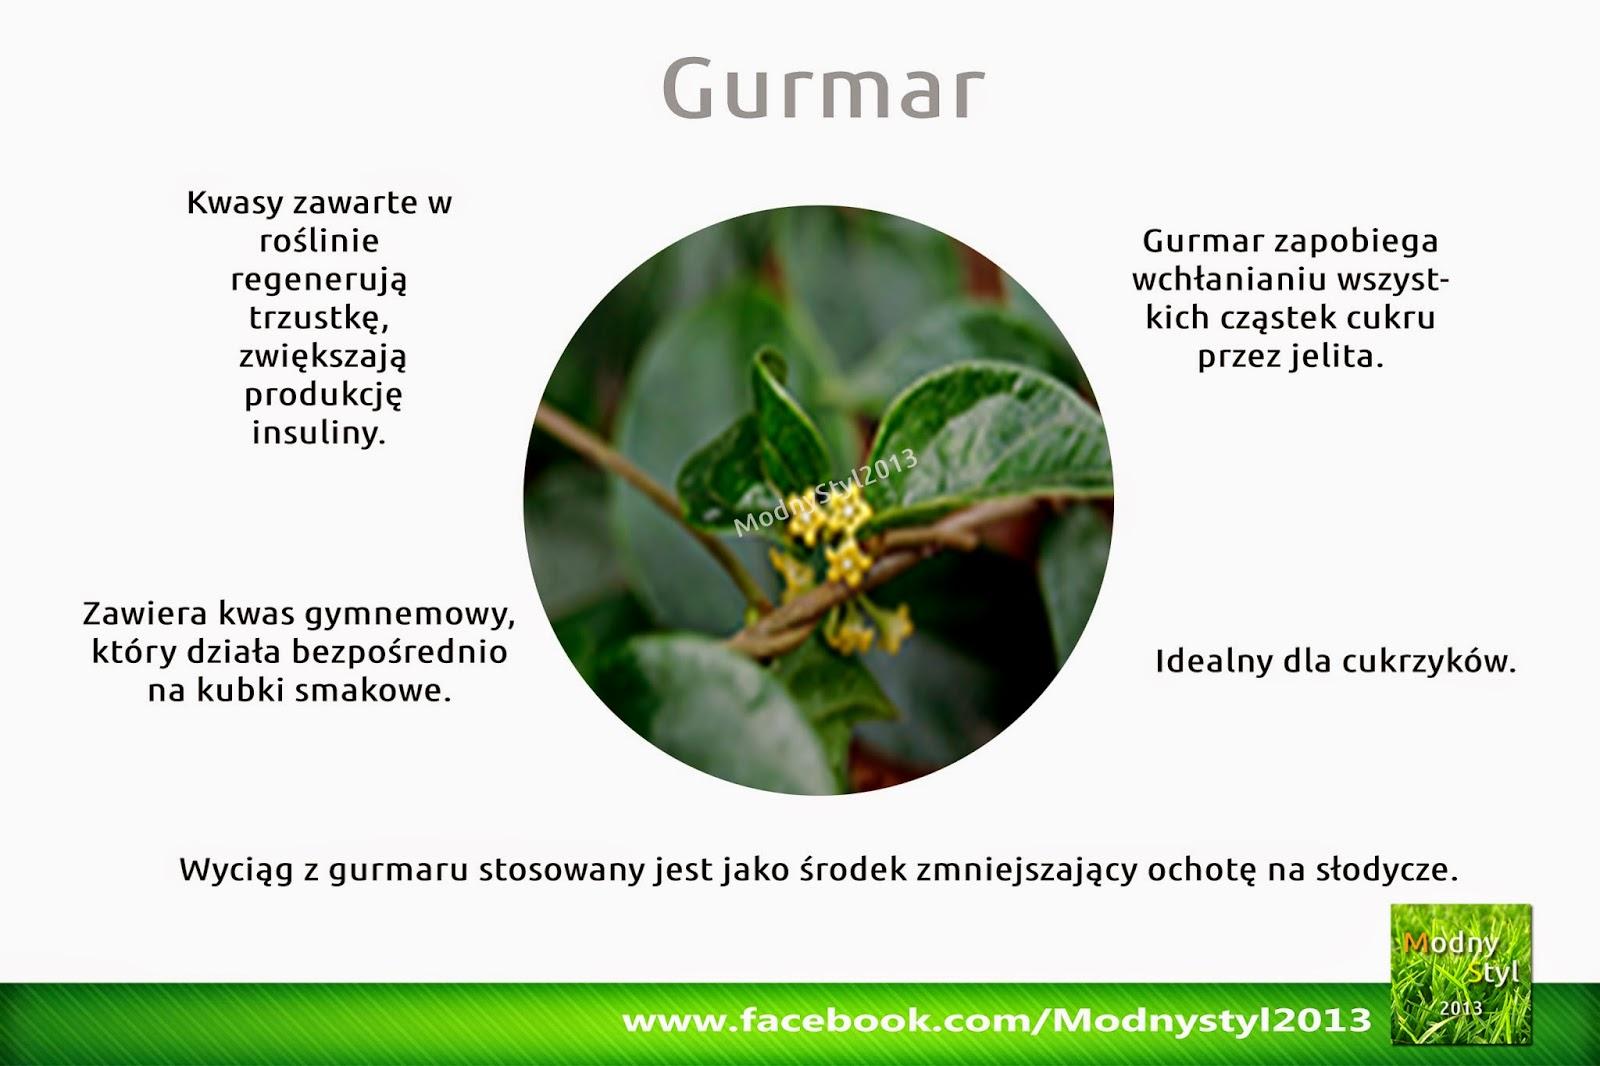 Gurmar - roślina lecznicza dla cukrzyków.